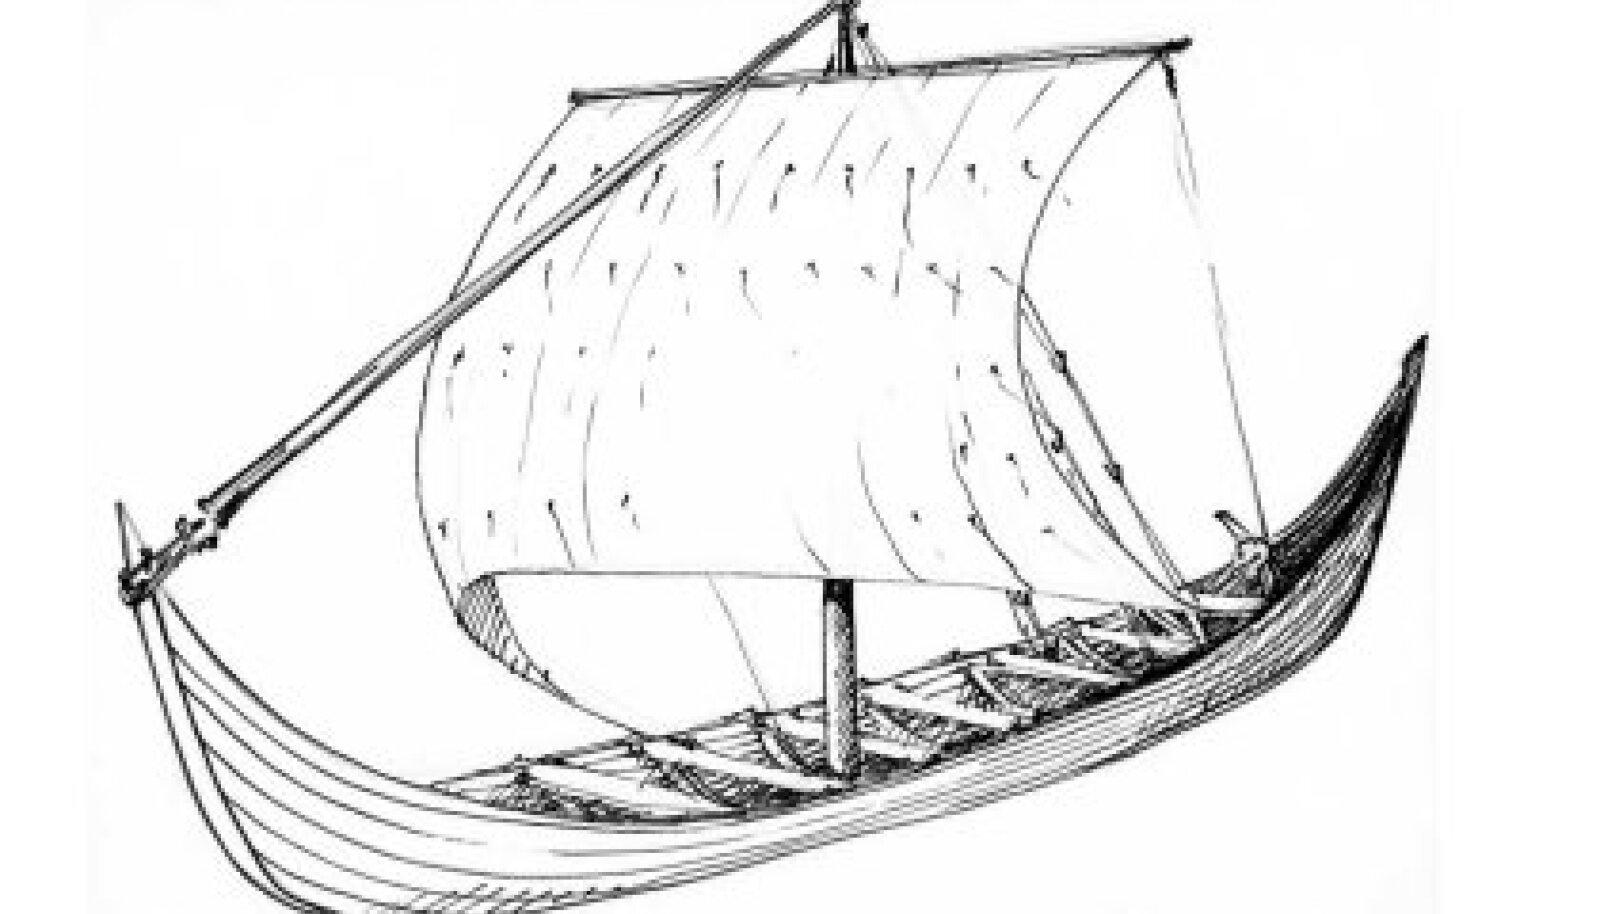 Rekonstruktsioon: Suurem Salmest leitud laev on samasuguste mõõtmetega nagu umbes 690. aastast pärit Kvalsundi (Norra) laev, mida aga peetakse siiski 10 aerupaariga sõudelaevaks. (Anneliis Aunapuu)